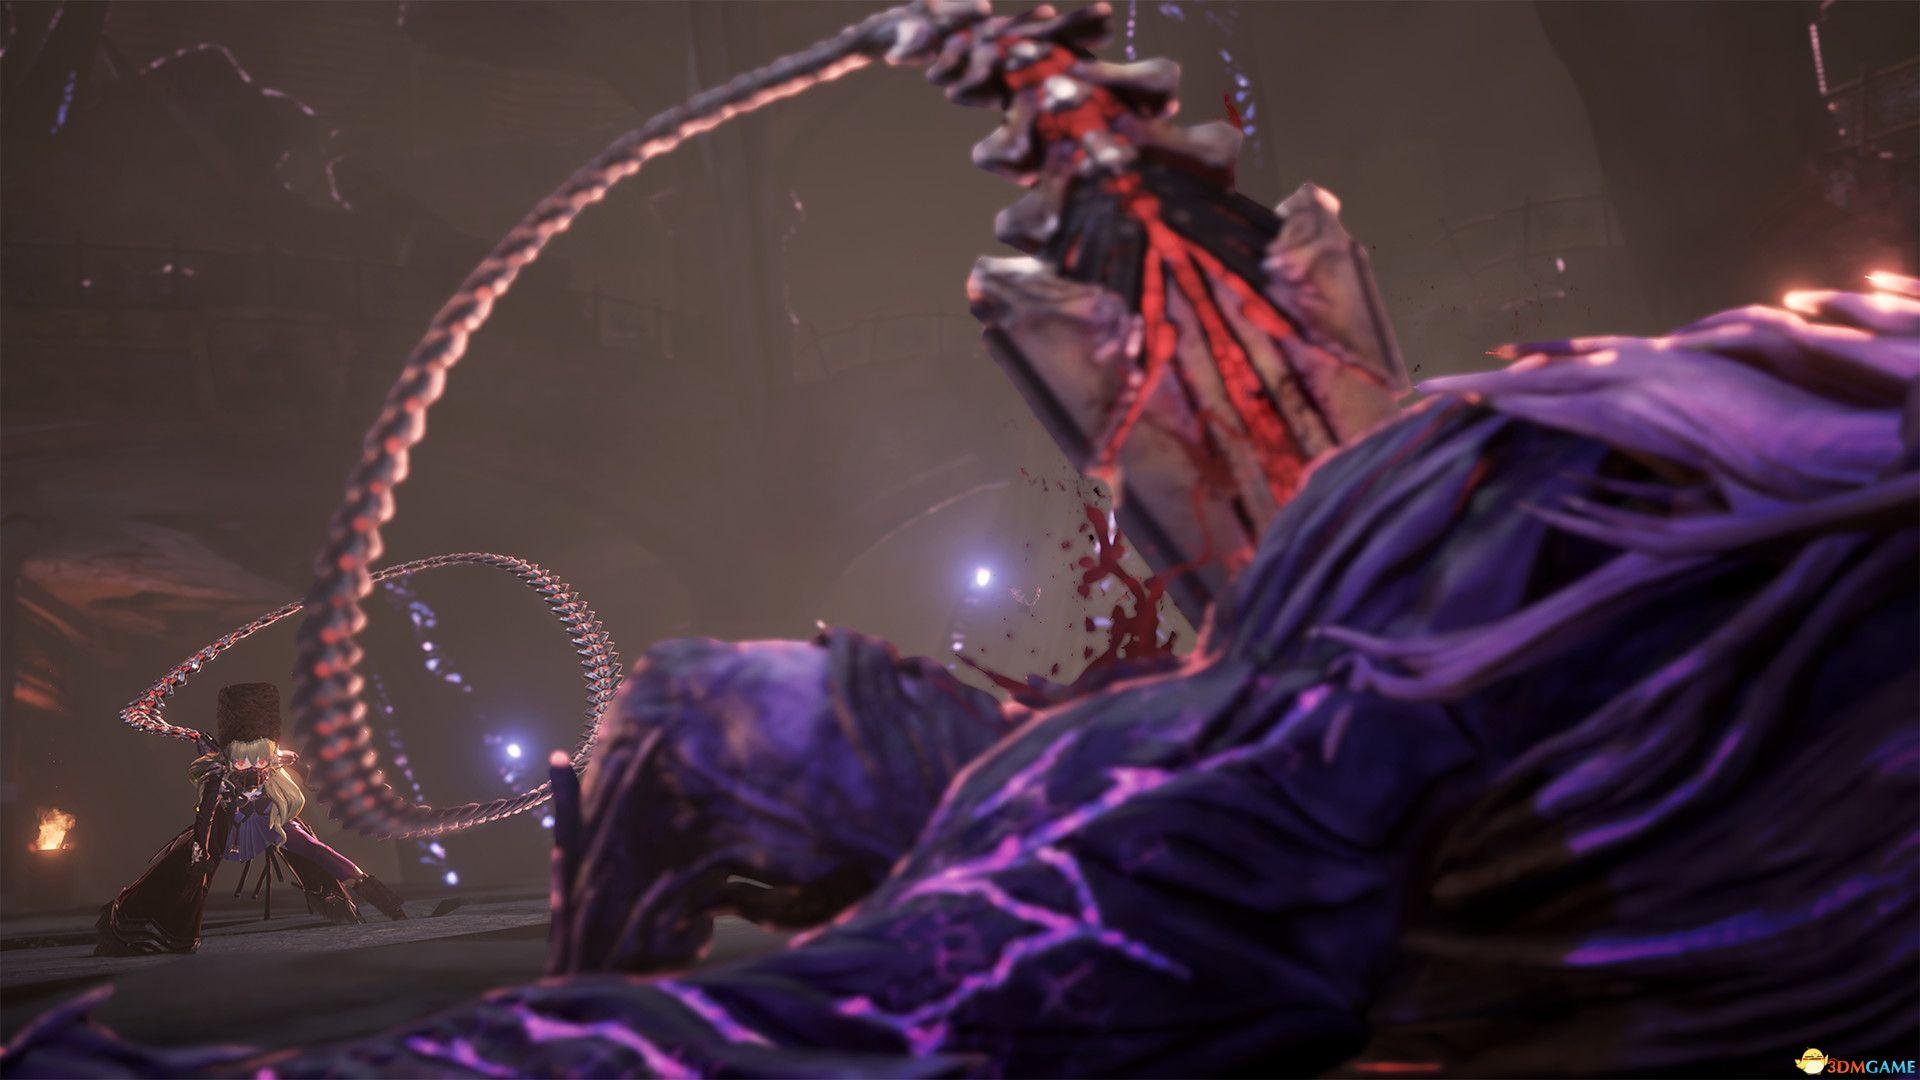 《噬血代码》全收集流程攻略 伊奥碎片收集及真结局攻略